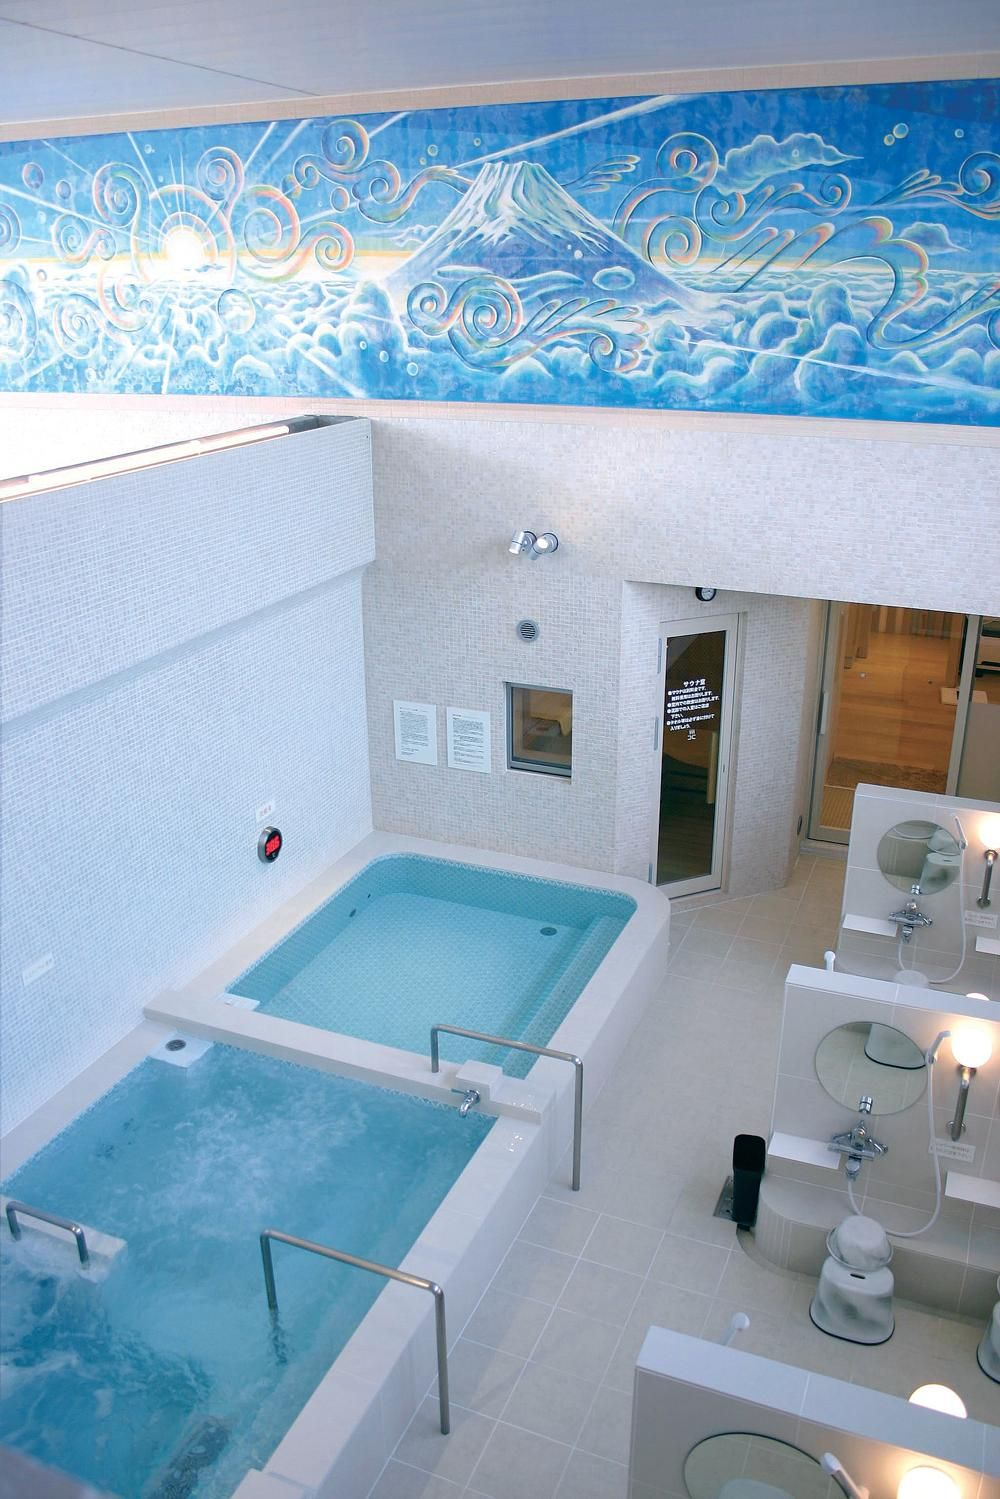 光明泉 [目黒区]炭酸泉、露天有り | Sento | Pinterest | Japan, Baths ...